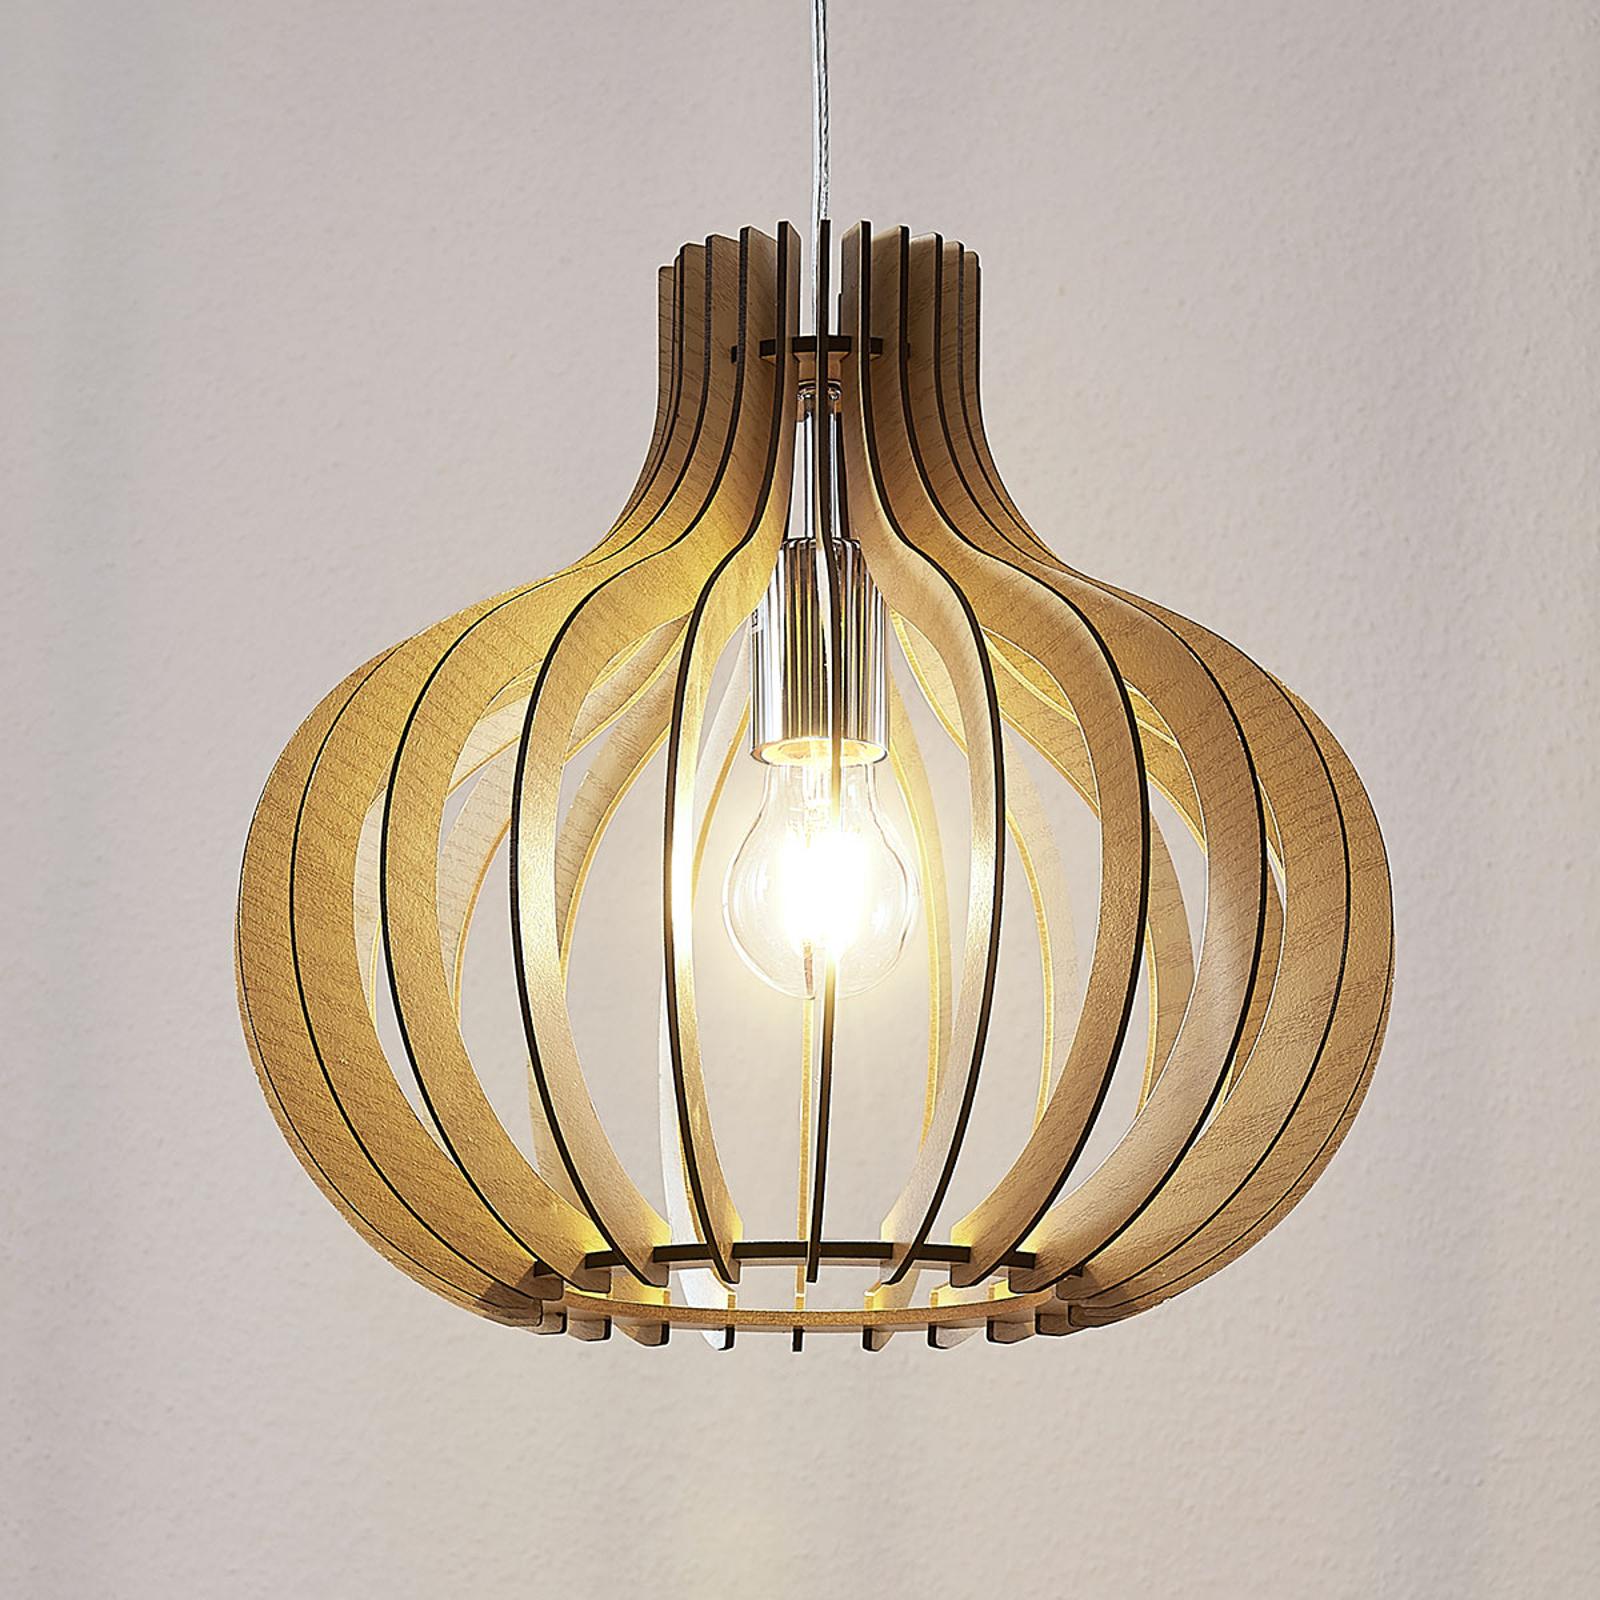 Drewniana lampa wisząca Sina, jasna